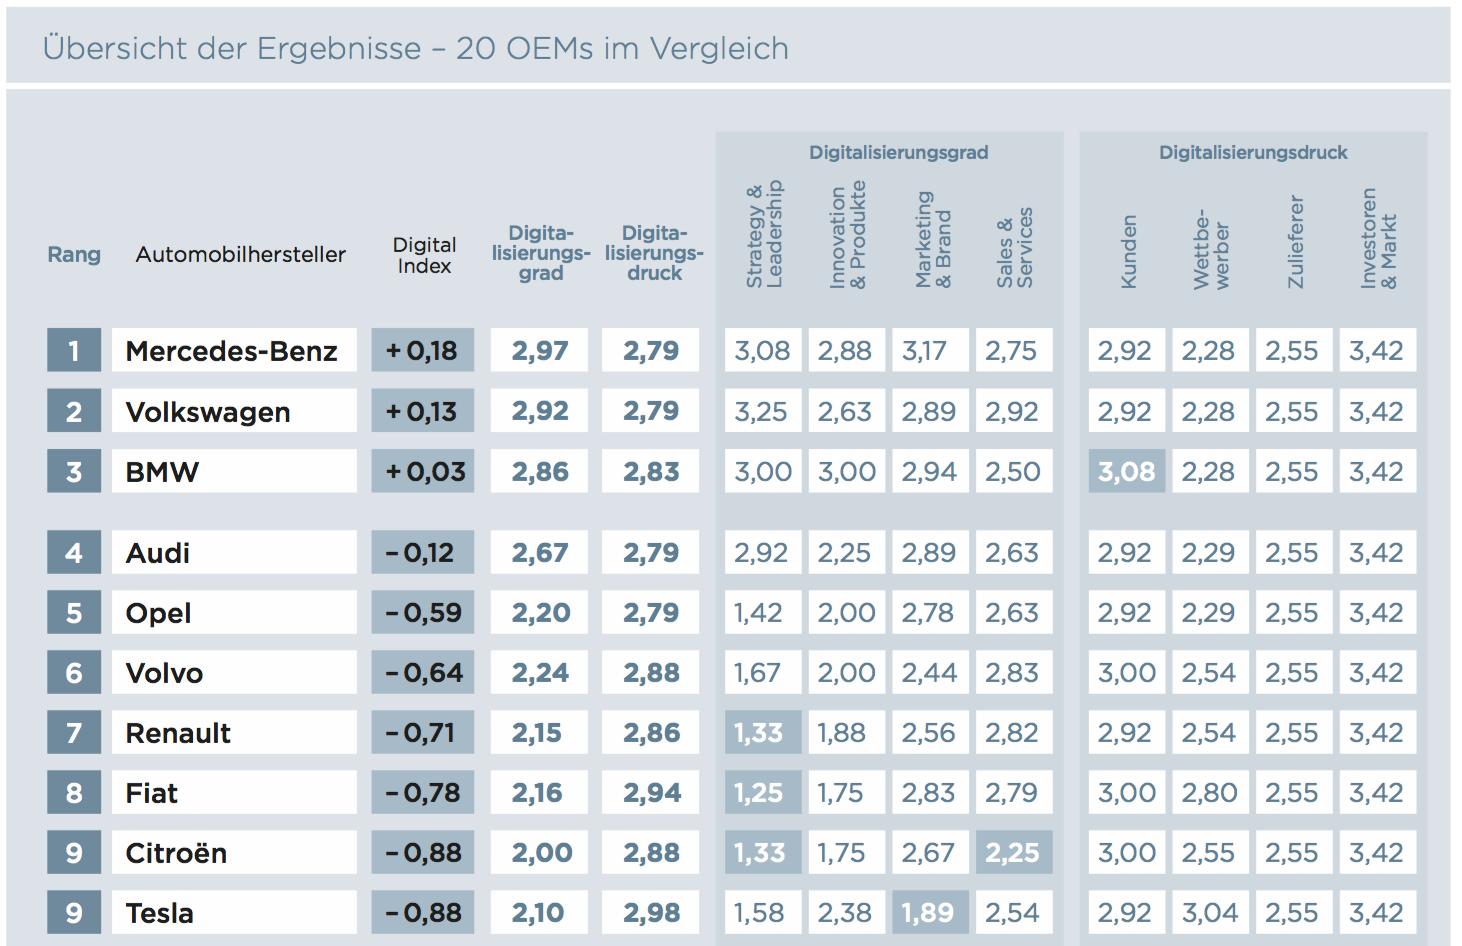 Übersicht der Ergebnisse – 20 OEMs im Vergleich (Batten & Company)